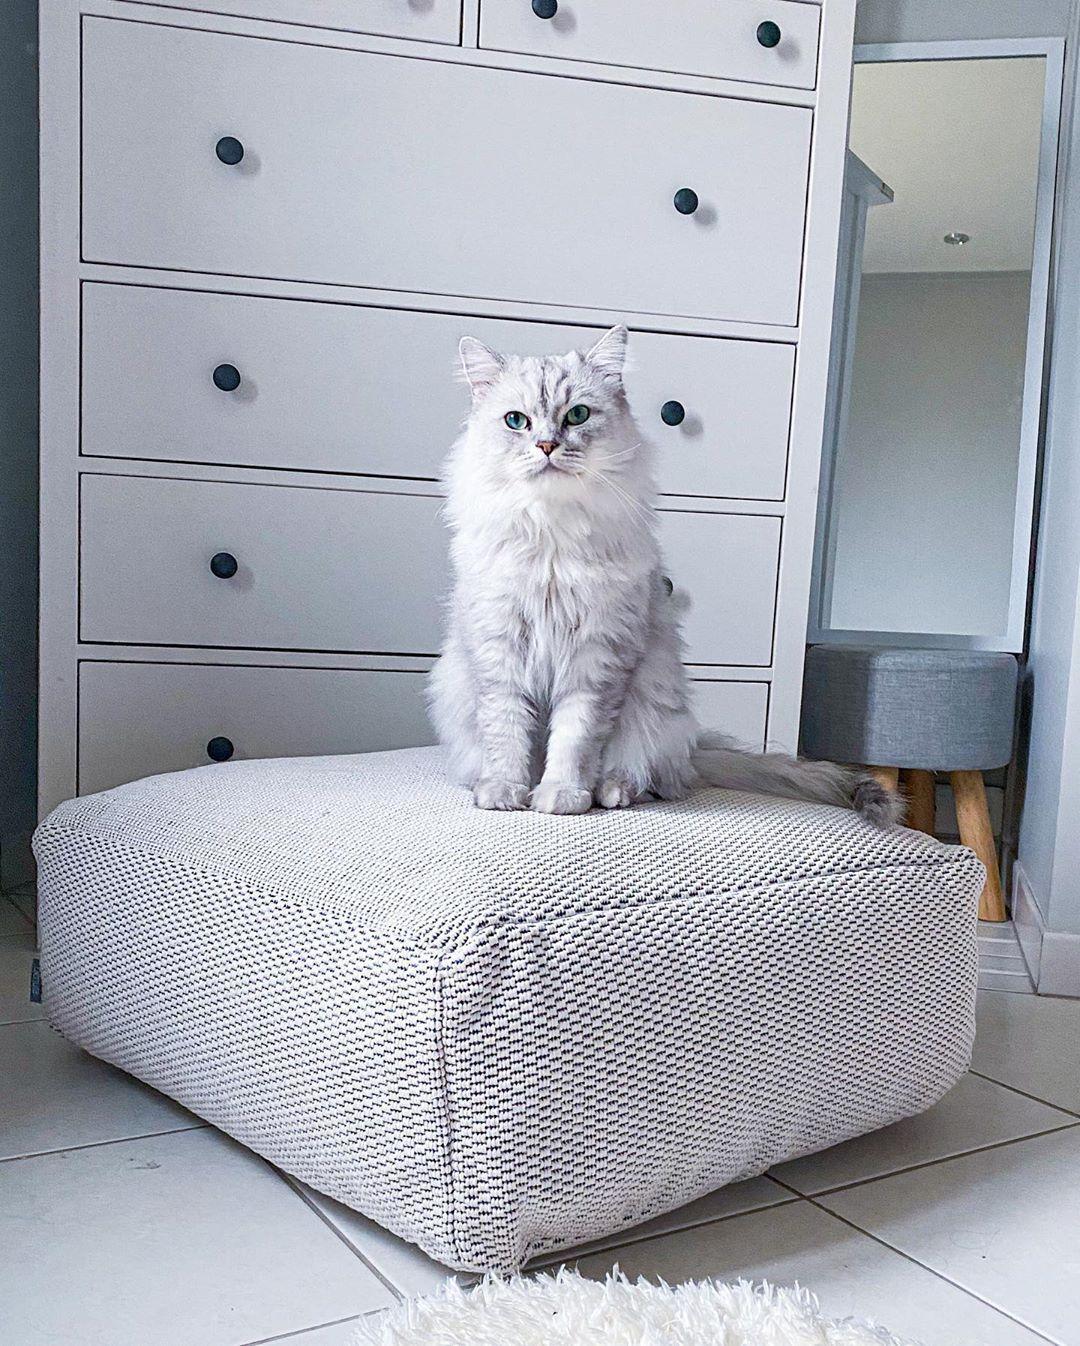 """Mowgli ❄️ on Instagram: """"coucou les copains, je suis de retour !! Votre dose de mignonnerie vous avait manqué ?? 🐱 #catsofinstagram #catlife #kitten #persiancat…"""""""